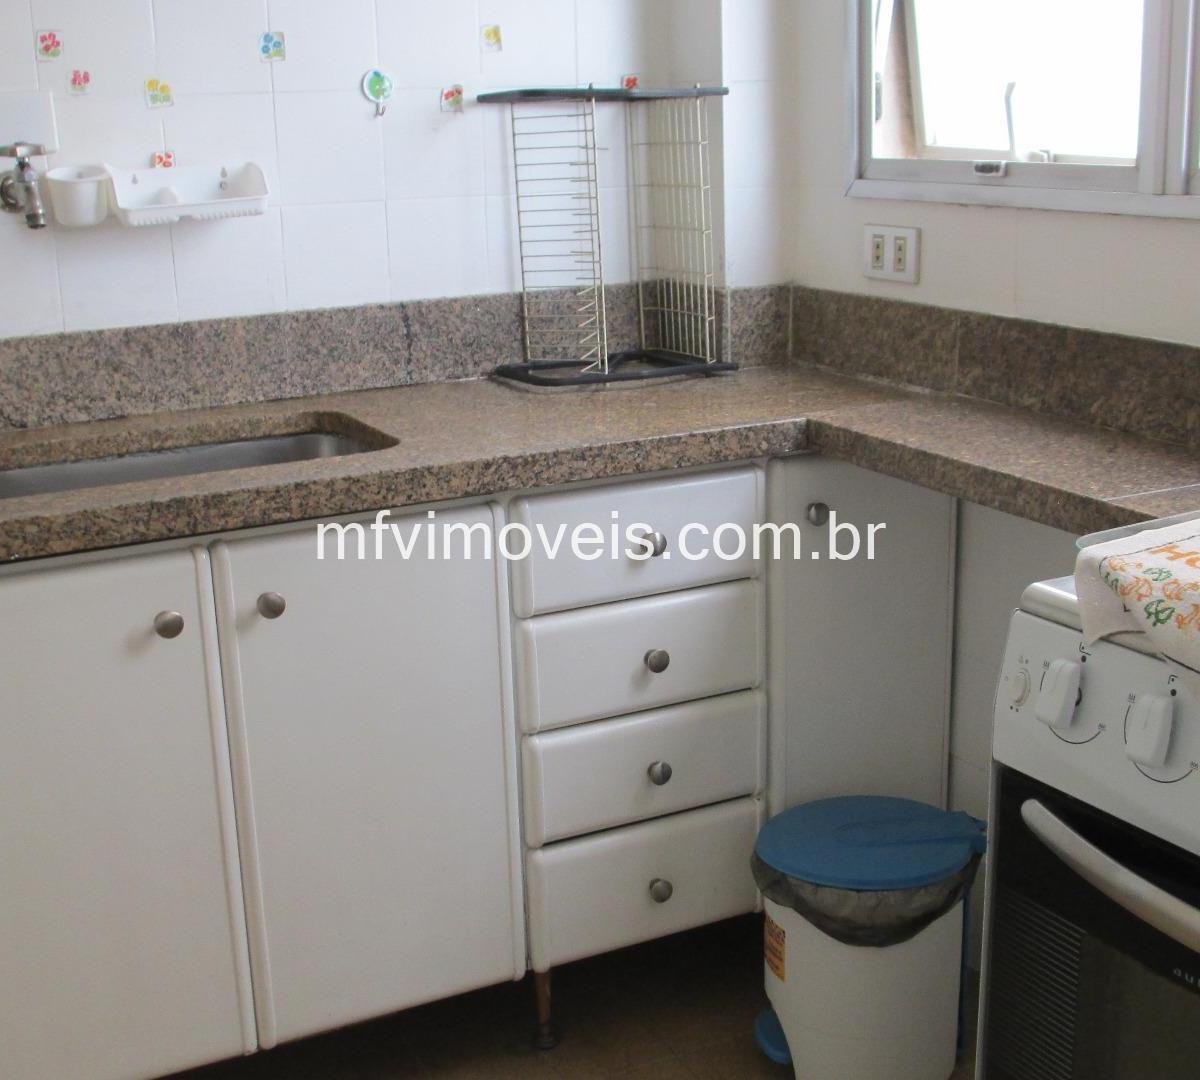 Imagens de #2C455A Apartamento para aluguel com 2 Quartos Vila Olímpia São Paulo R$  1200x1080 px 2520 Box Banheiro Vila Olimpia